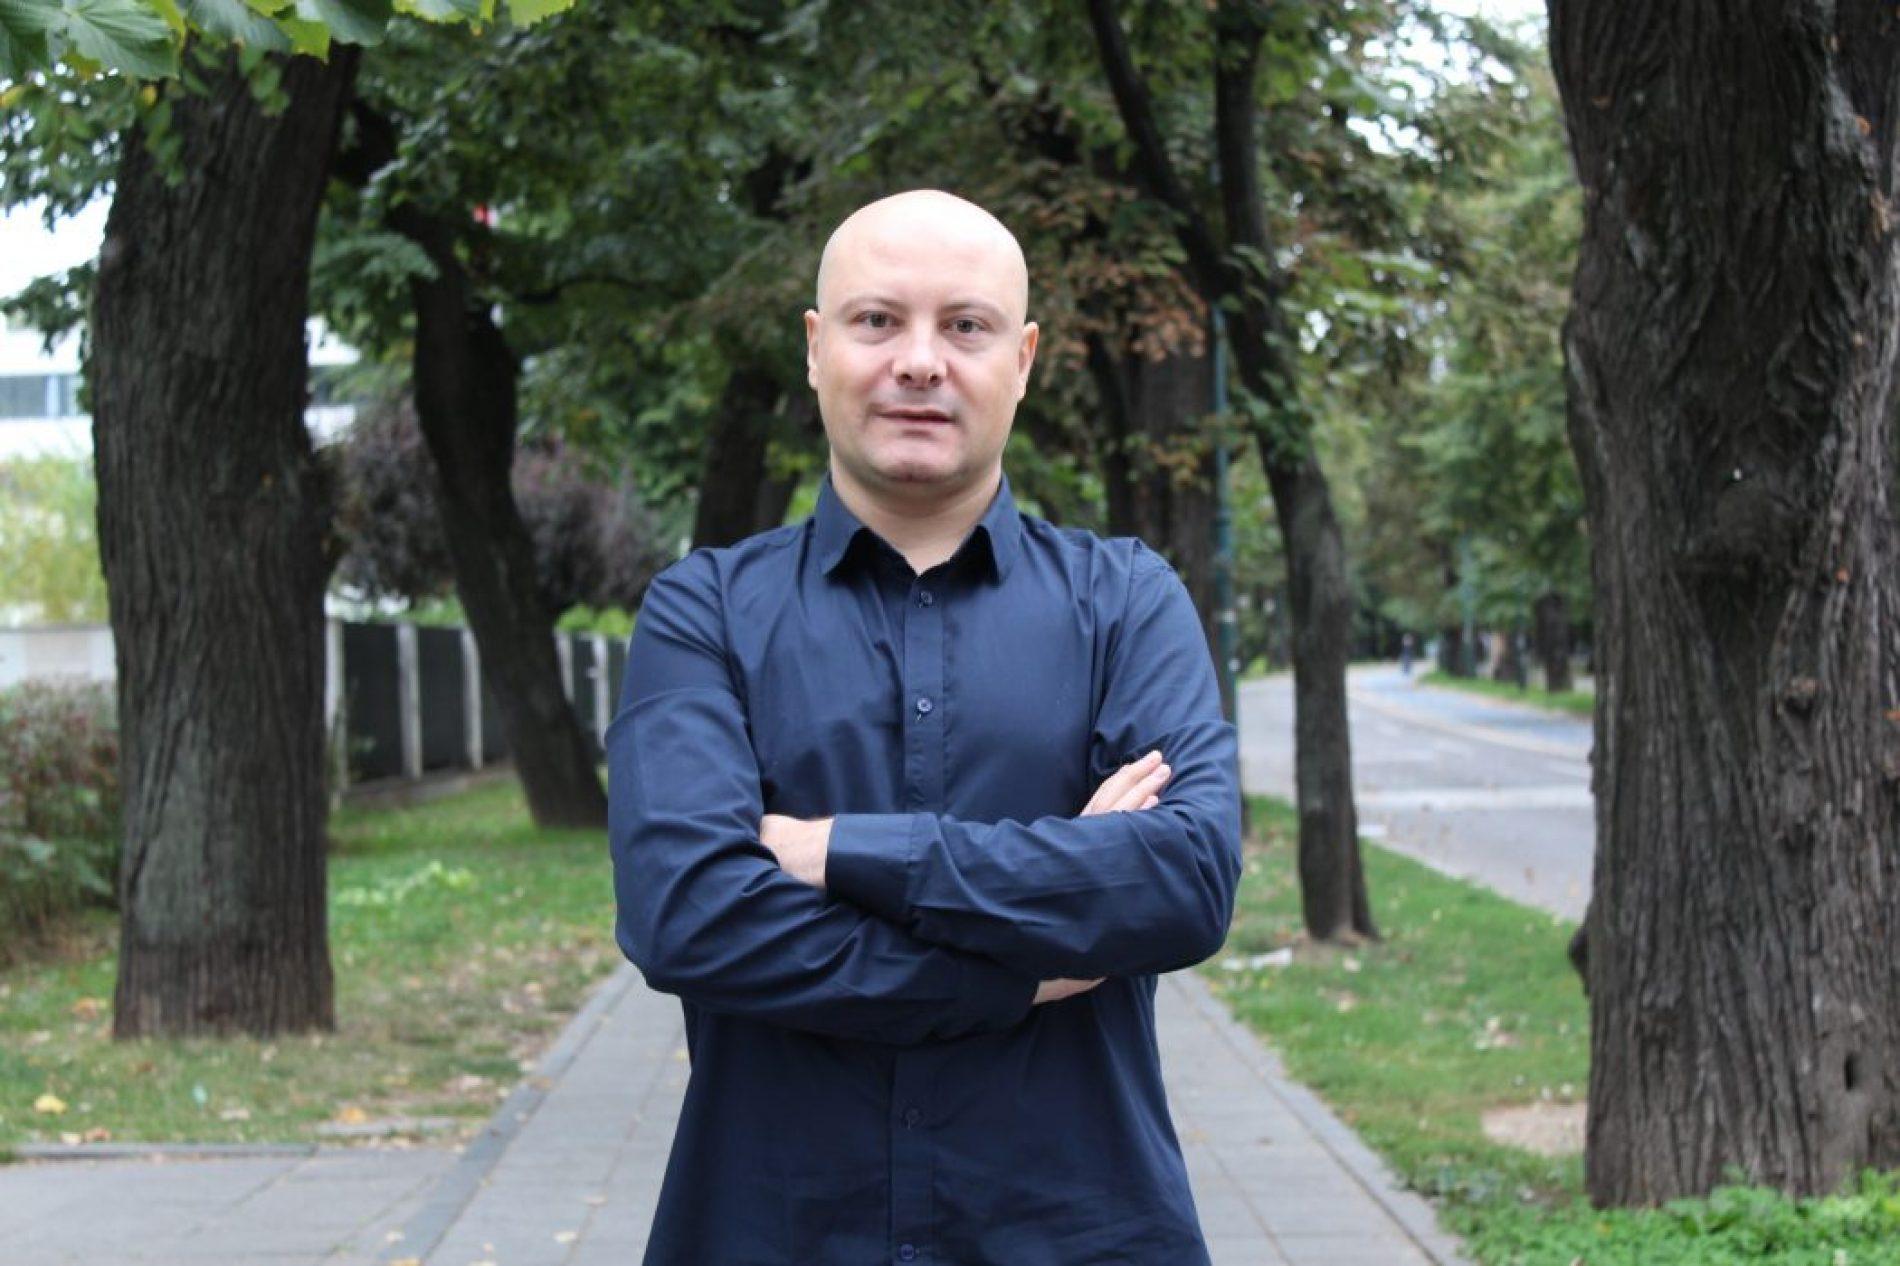 Bosanski reditelj snimio dokumentarac o Nijemcima koji migriraju u istočnu Evropu